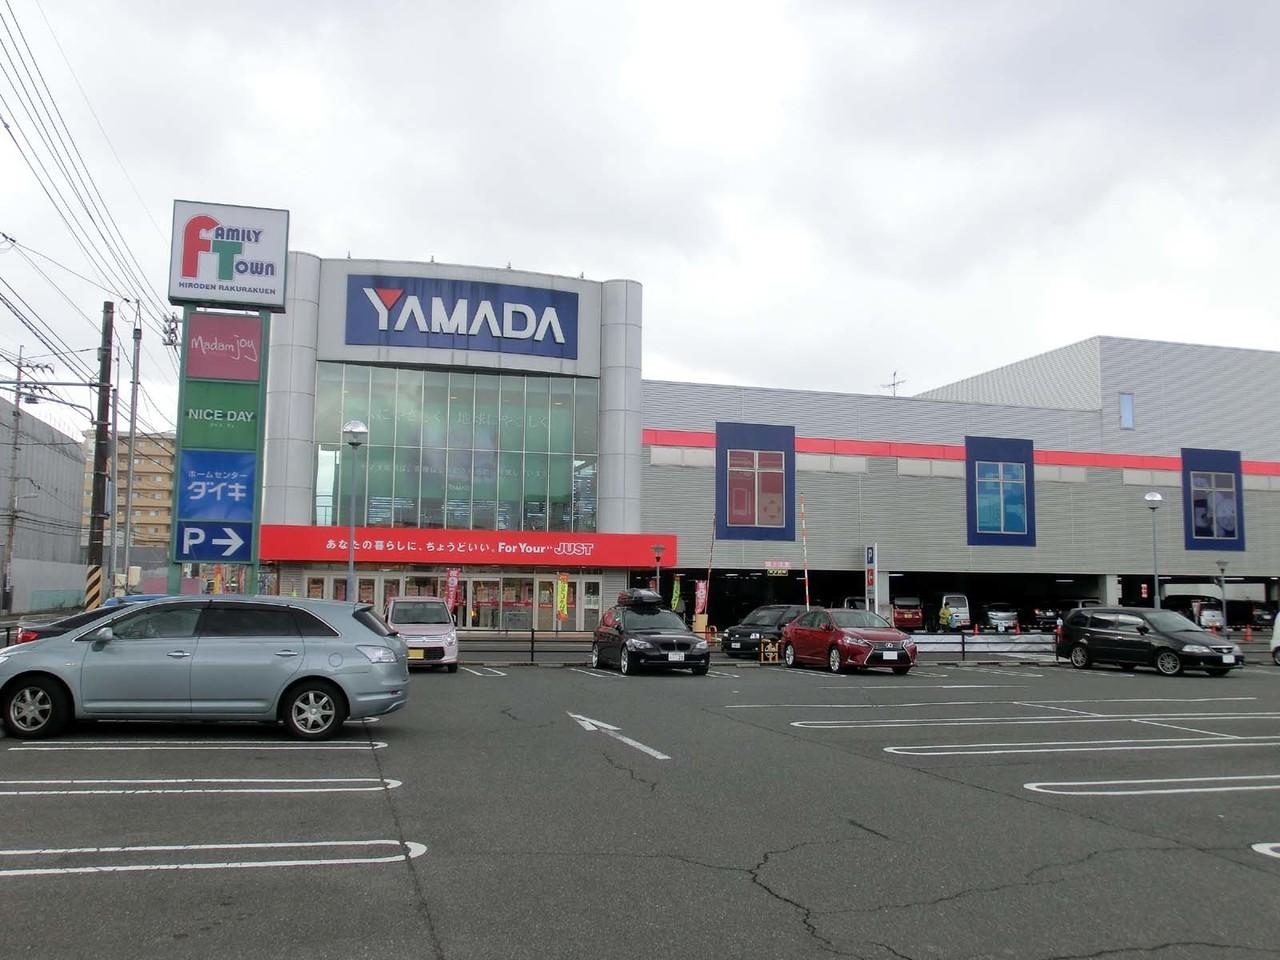 【ホームセンター】ファミリータウン広電楽々園内「ヤマダ電機 テックランド佐伯店」営業時間 10:00~21:00です